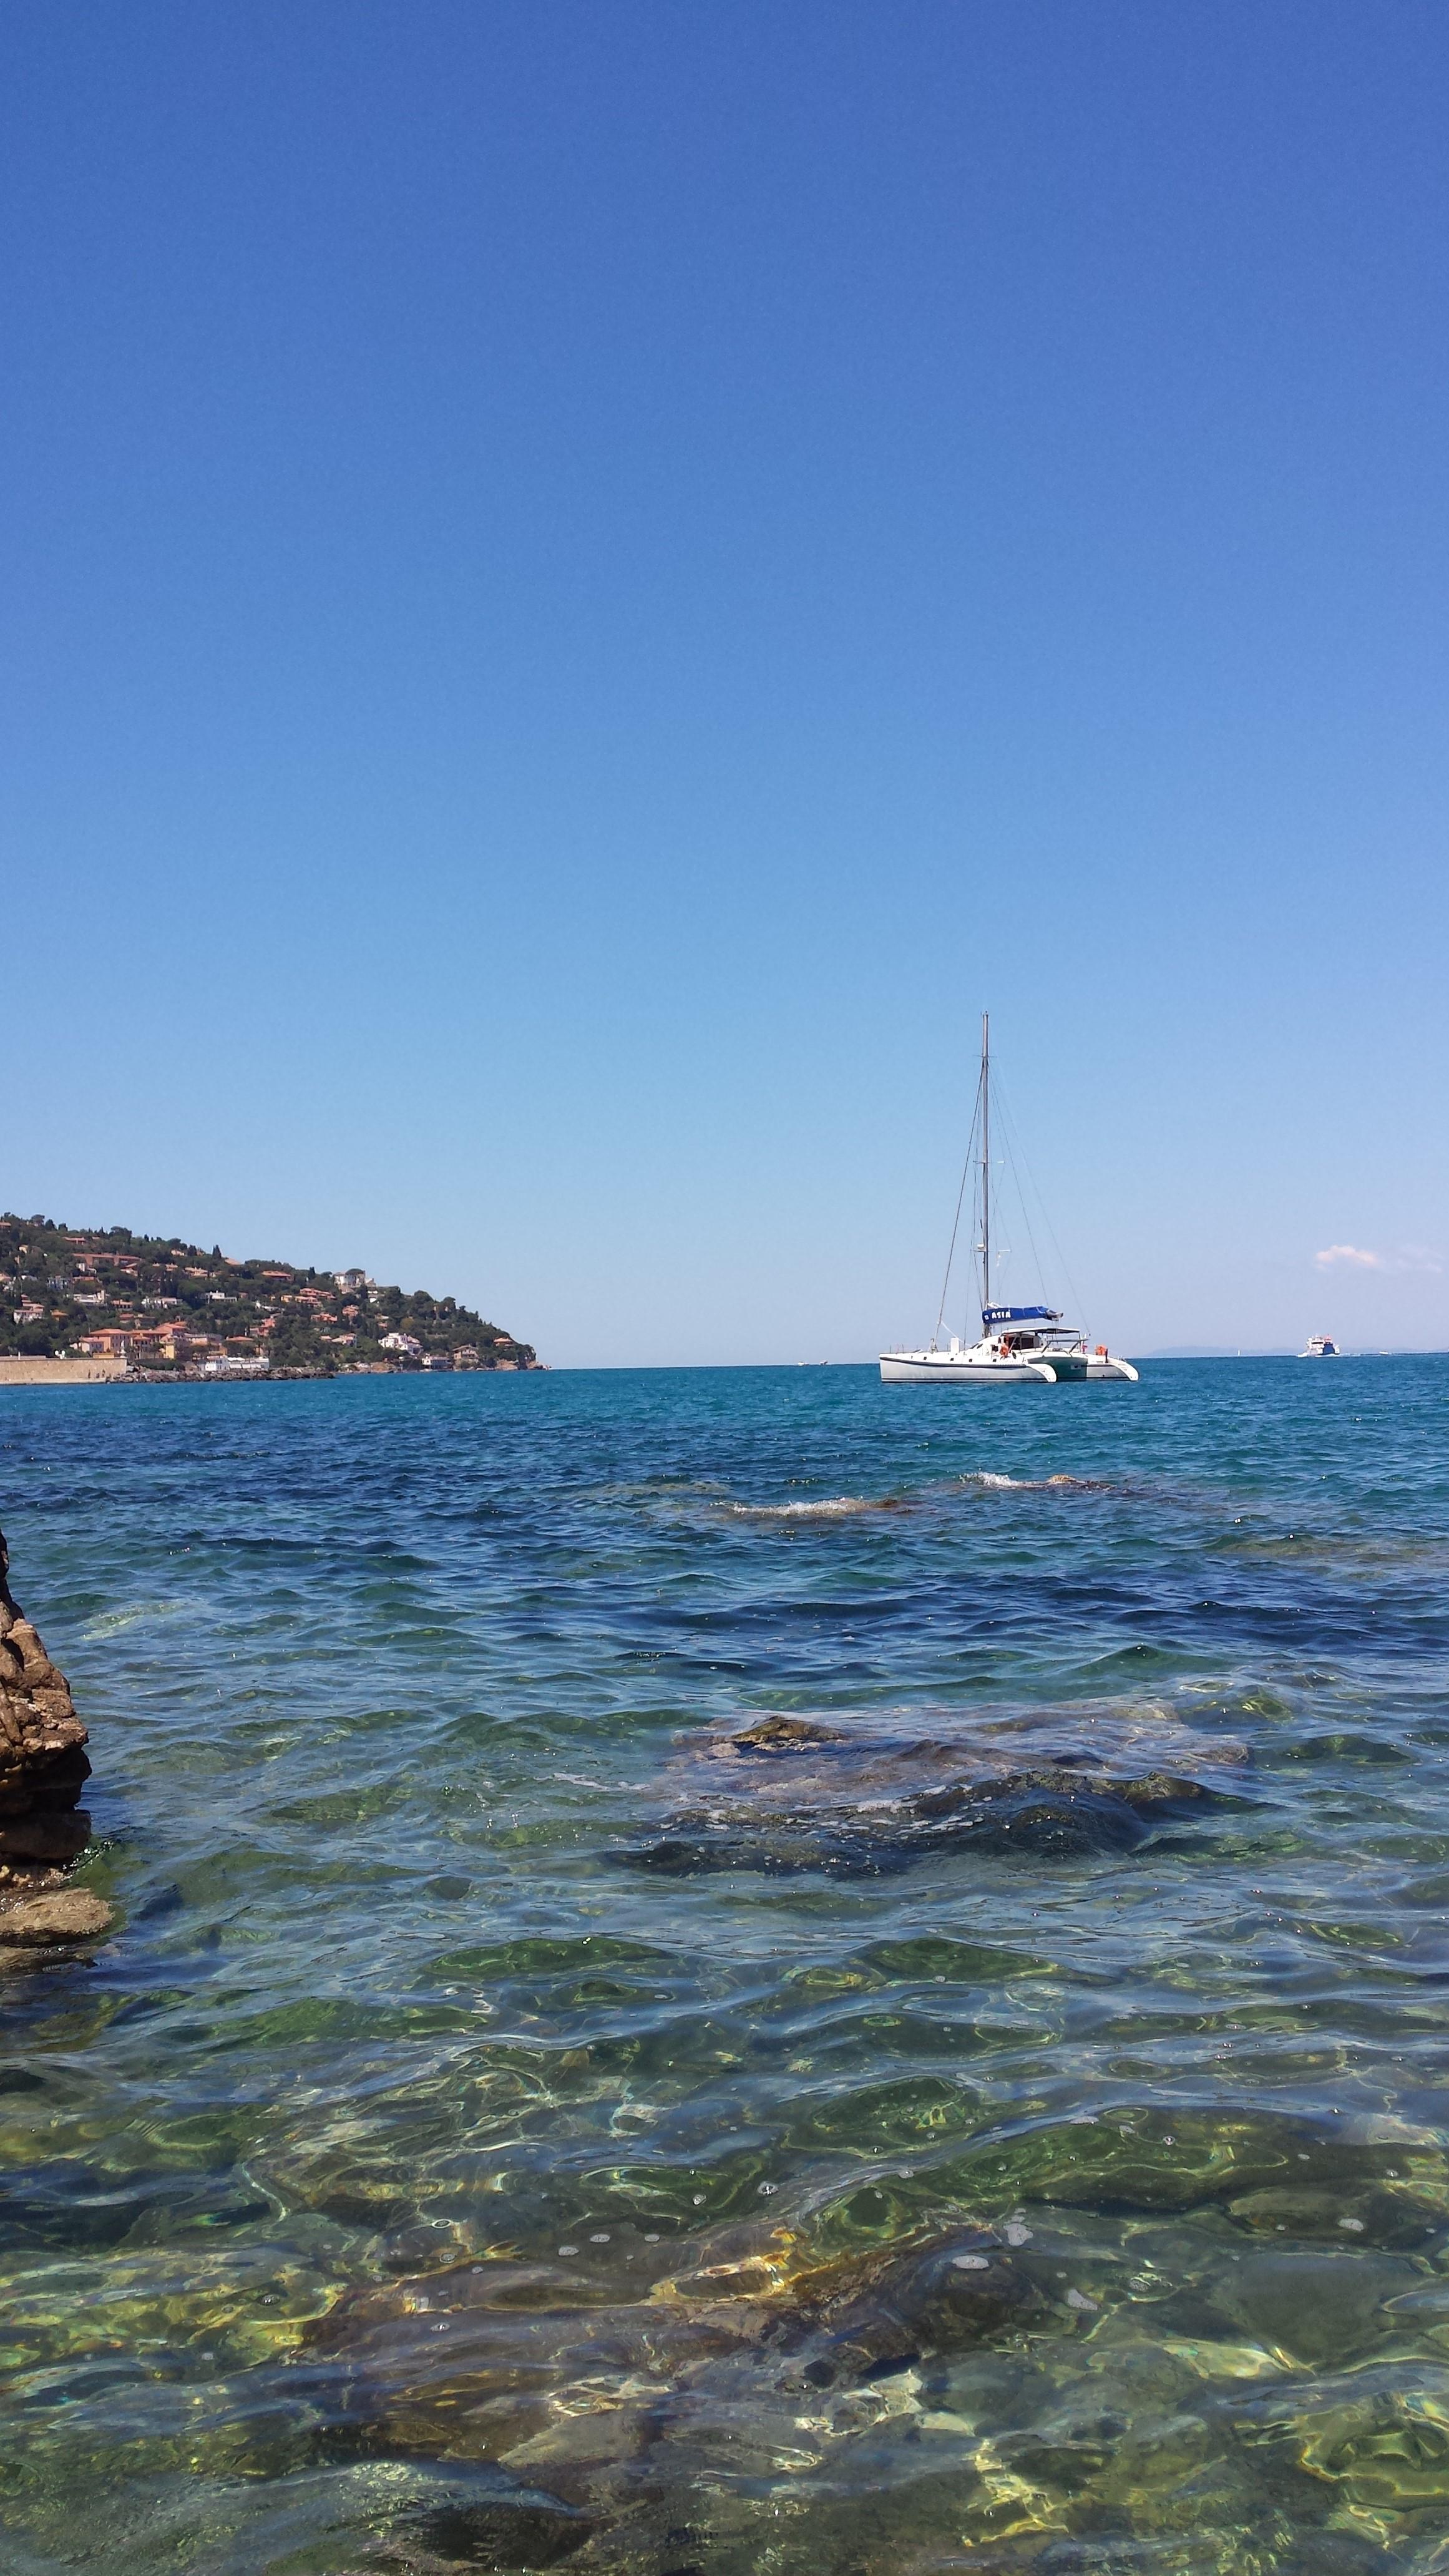 Le pi belle spiagge della costa maremmana tra follonica e capalbio - Bagno oasi follonica ...